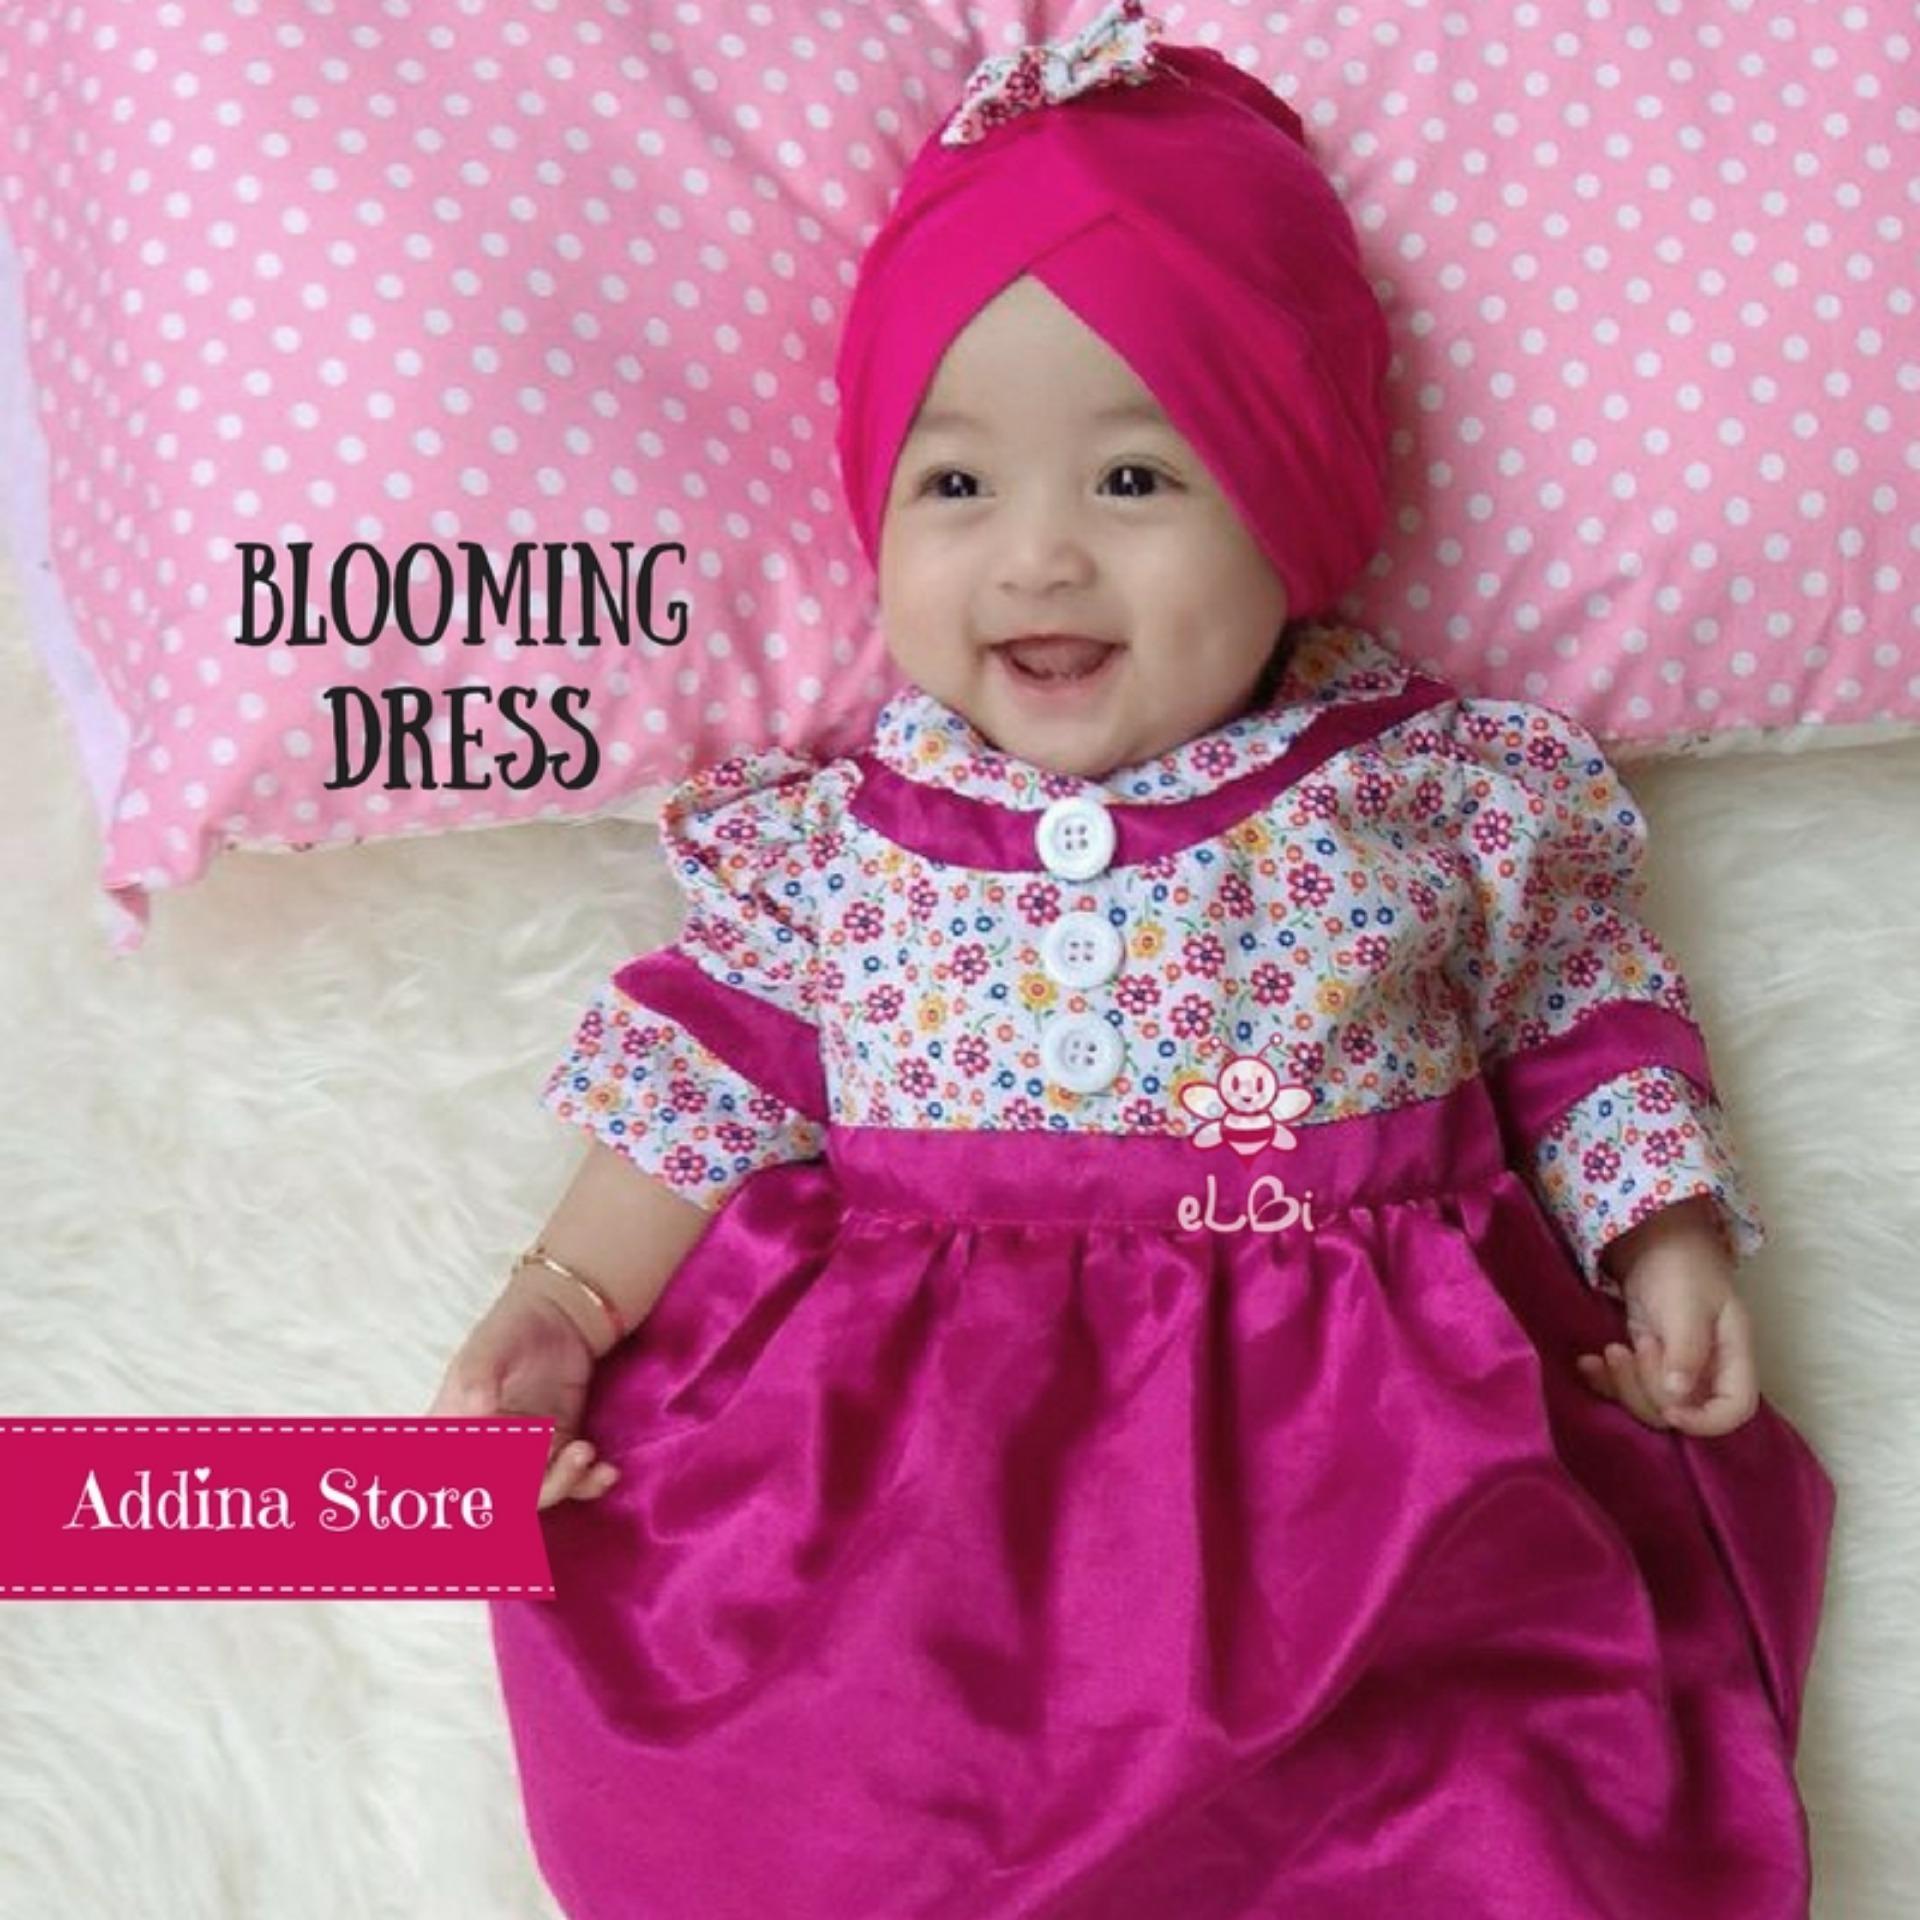 Elbi Blooming Dress dengan Turban / Baju Bayi / Baju Bayi Perempuan / Baju Bayi Cewek / Baju Bayi Muslim / Baju Bayi Lucu / Gaun Bayi / Addina Store